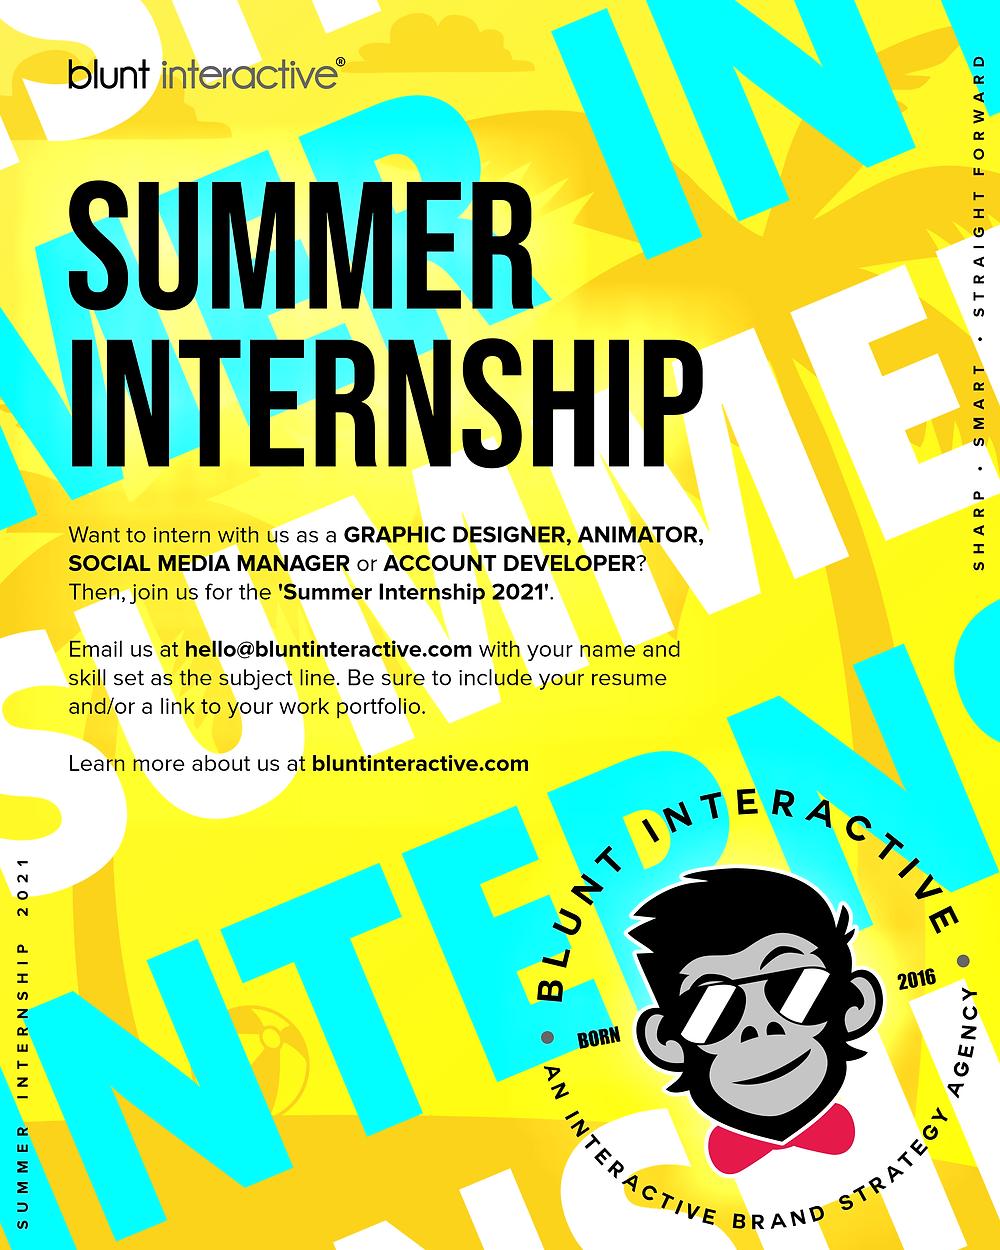 Summer Internship 2021 - Blunt Interactive | Bhopal